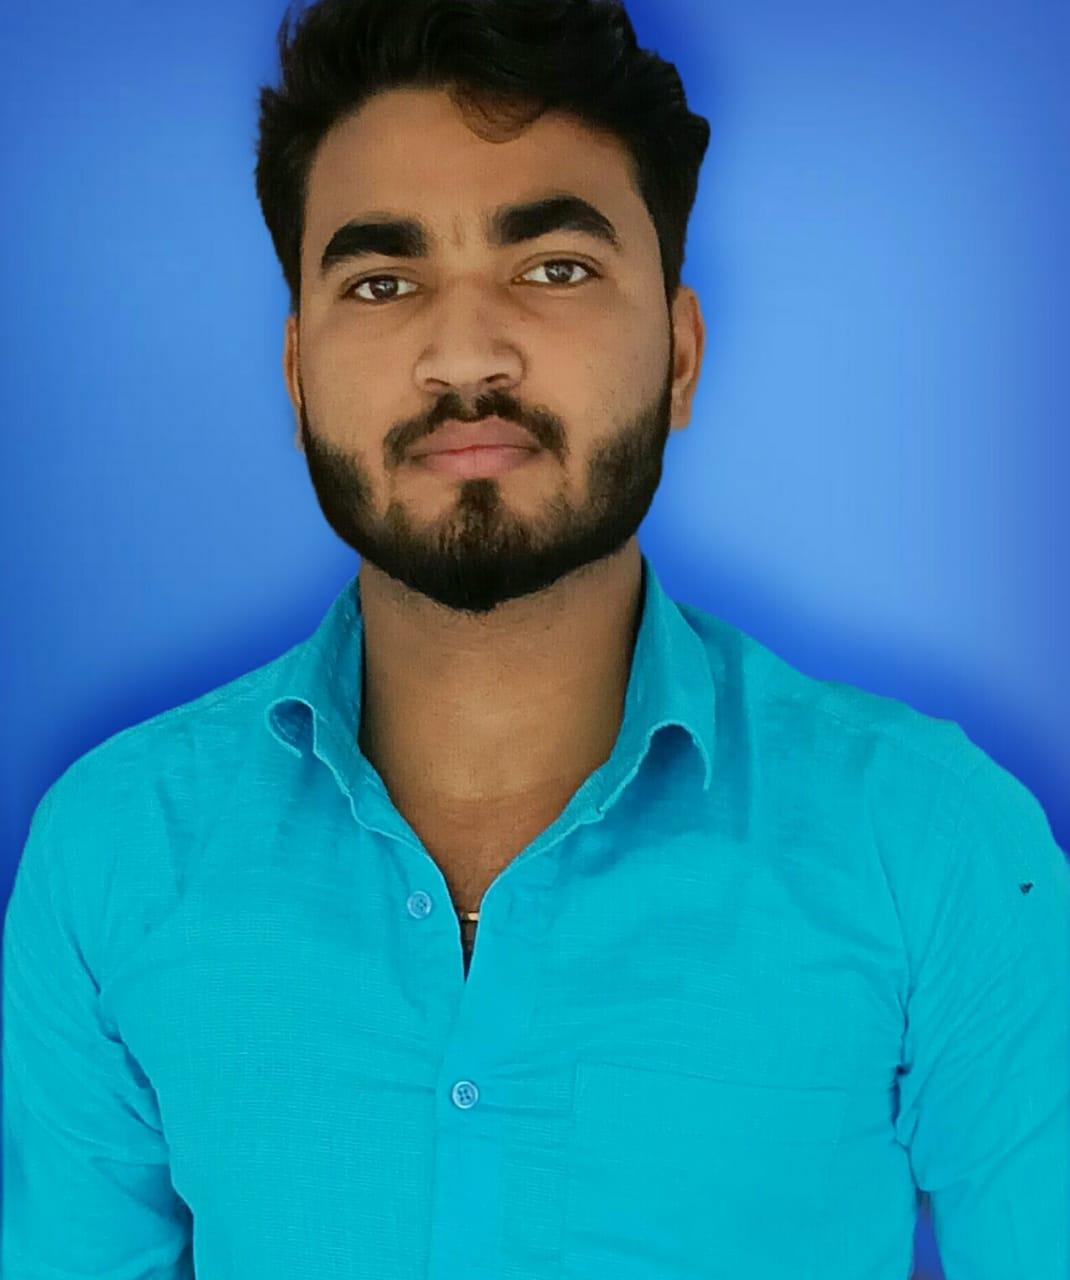 जिला अध्यक्ष नाथू सिंह पटेल महाराजगंज के द्वारा सतीश चौधरी मुकेश जिला महासचिव के पद पर नियुक्त किया गया